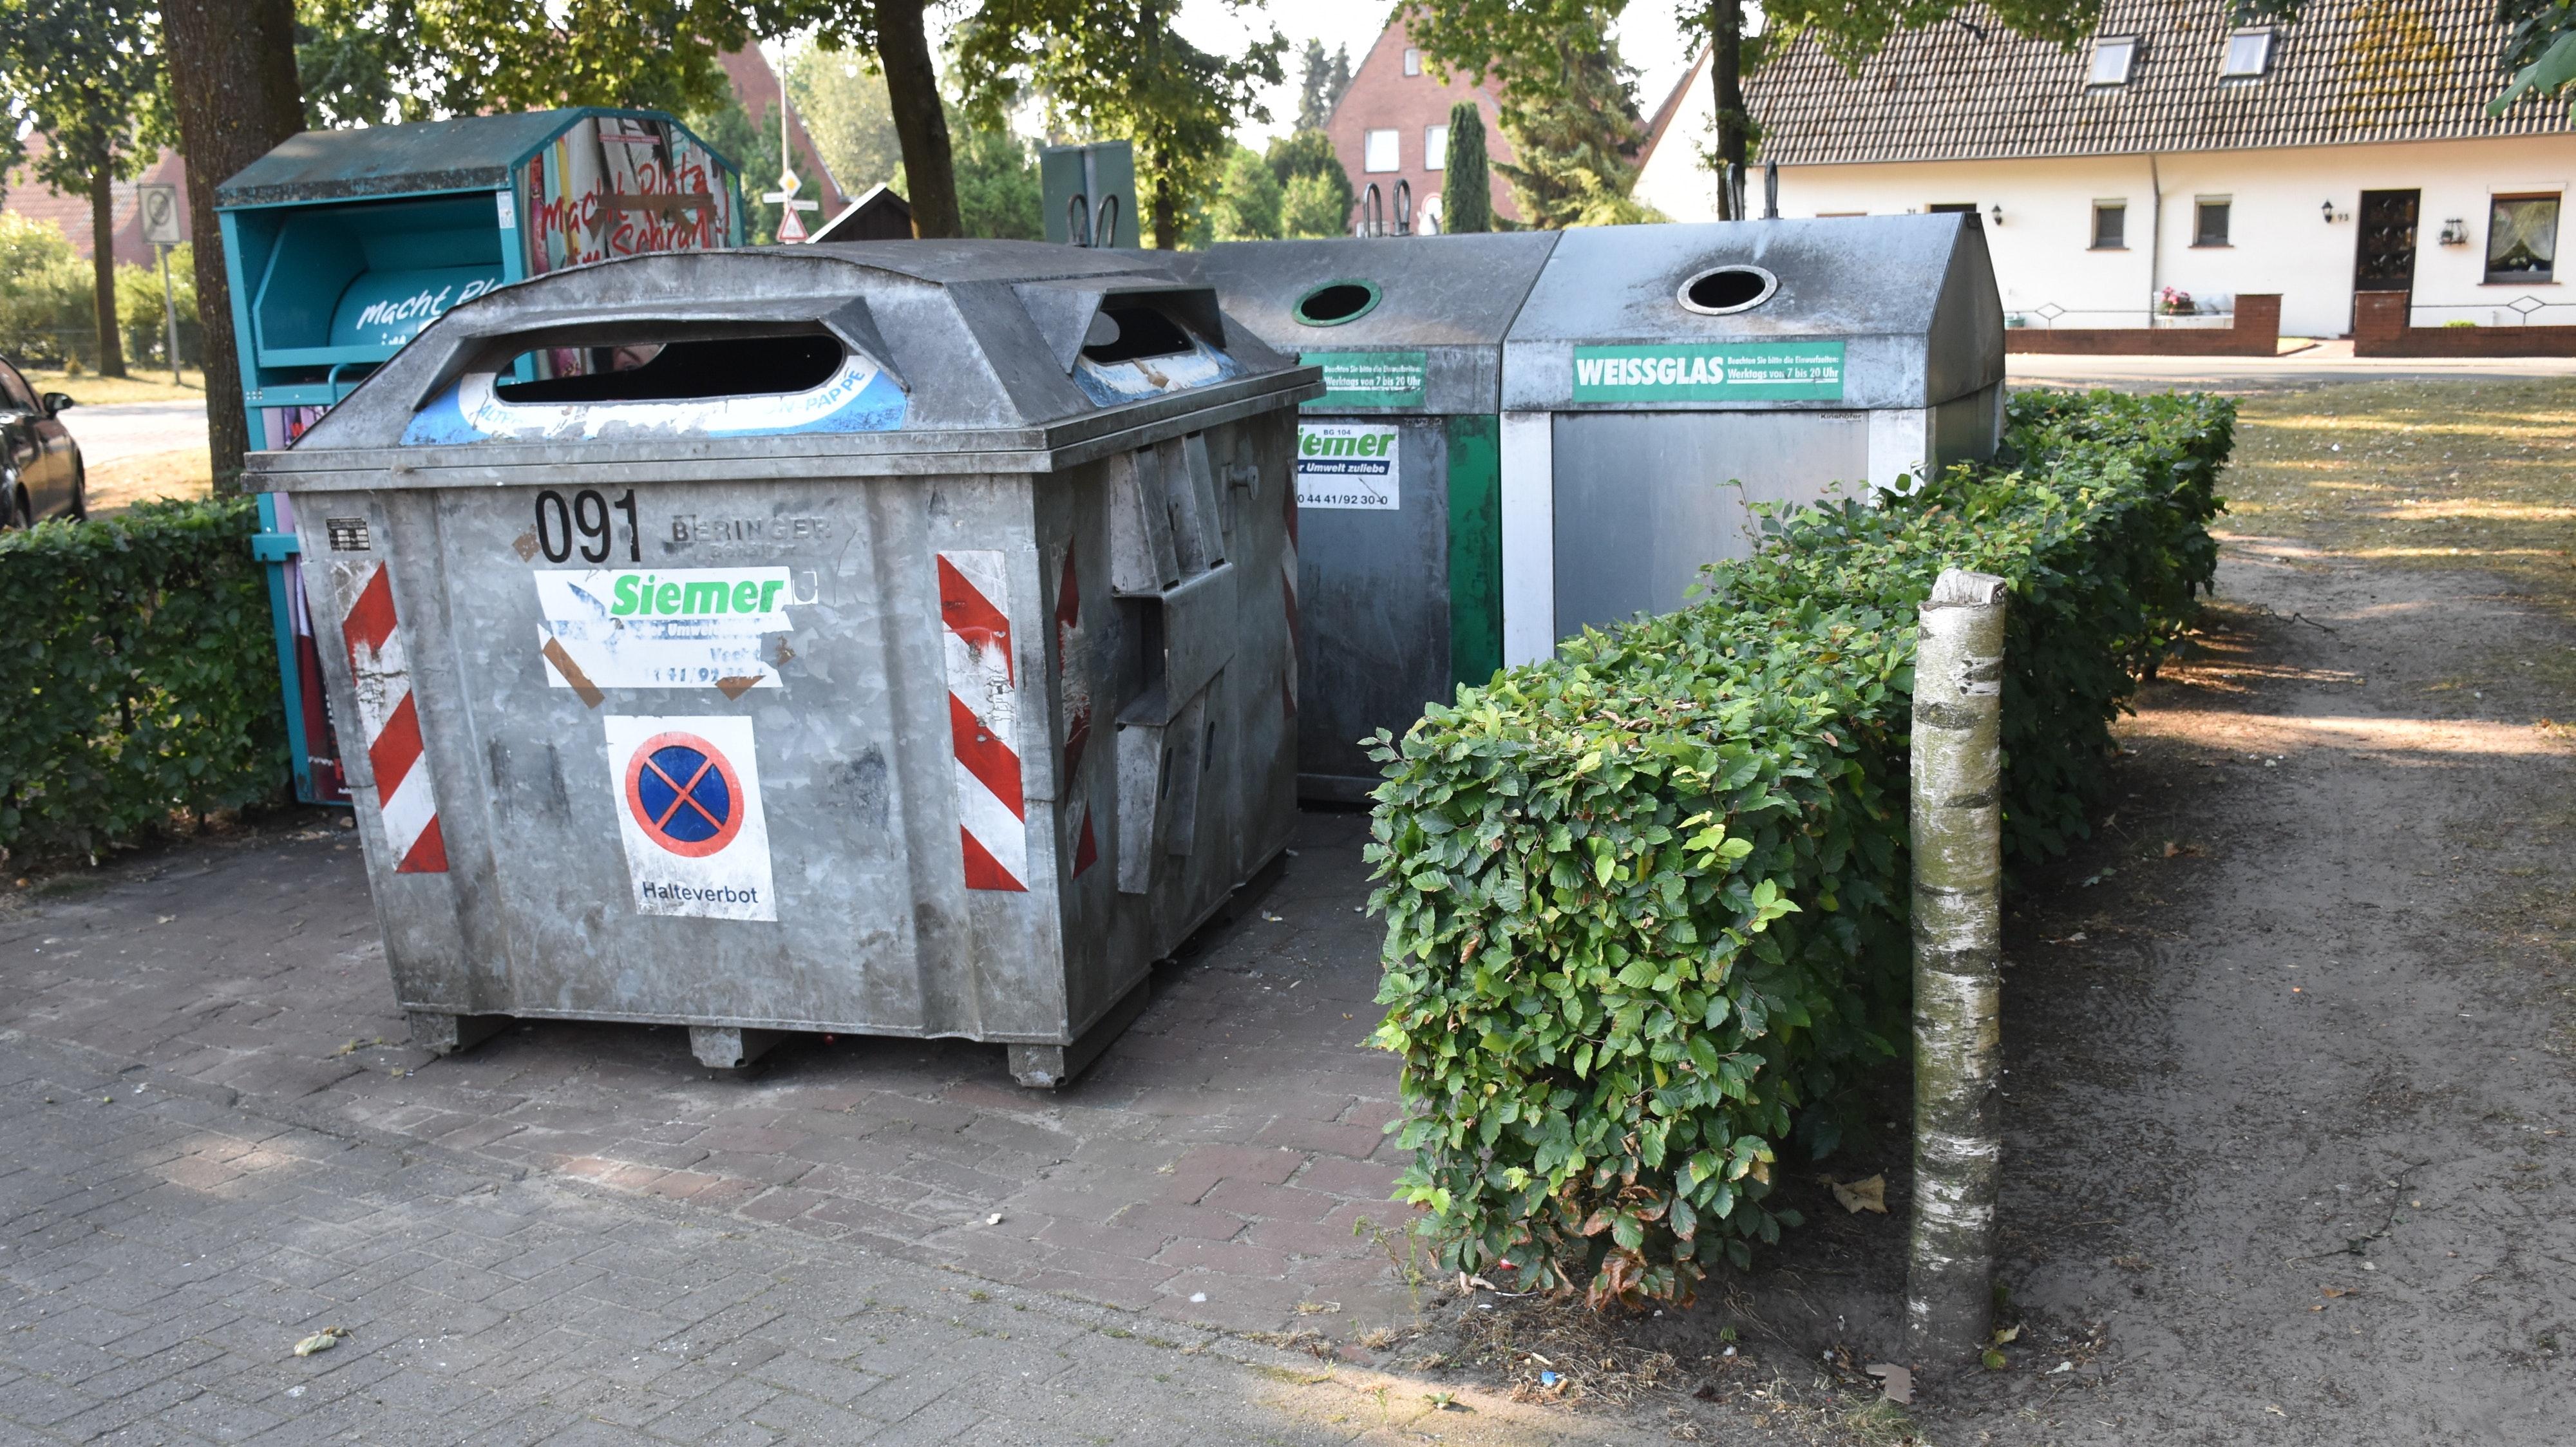 Ausnahmsweise gibt es nichts zu klagen: Im Januar dieses Jahres waren die Altglascontainer beim Nahversorger Kohorst-Langer an der Breslauer Straße völlig überfüllt. Aktuell ist der Entsorgungsplatz sauber – das Thema bewegt dennoch die Gemüter. Foto: Timphaus